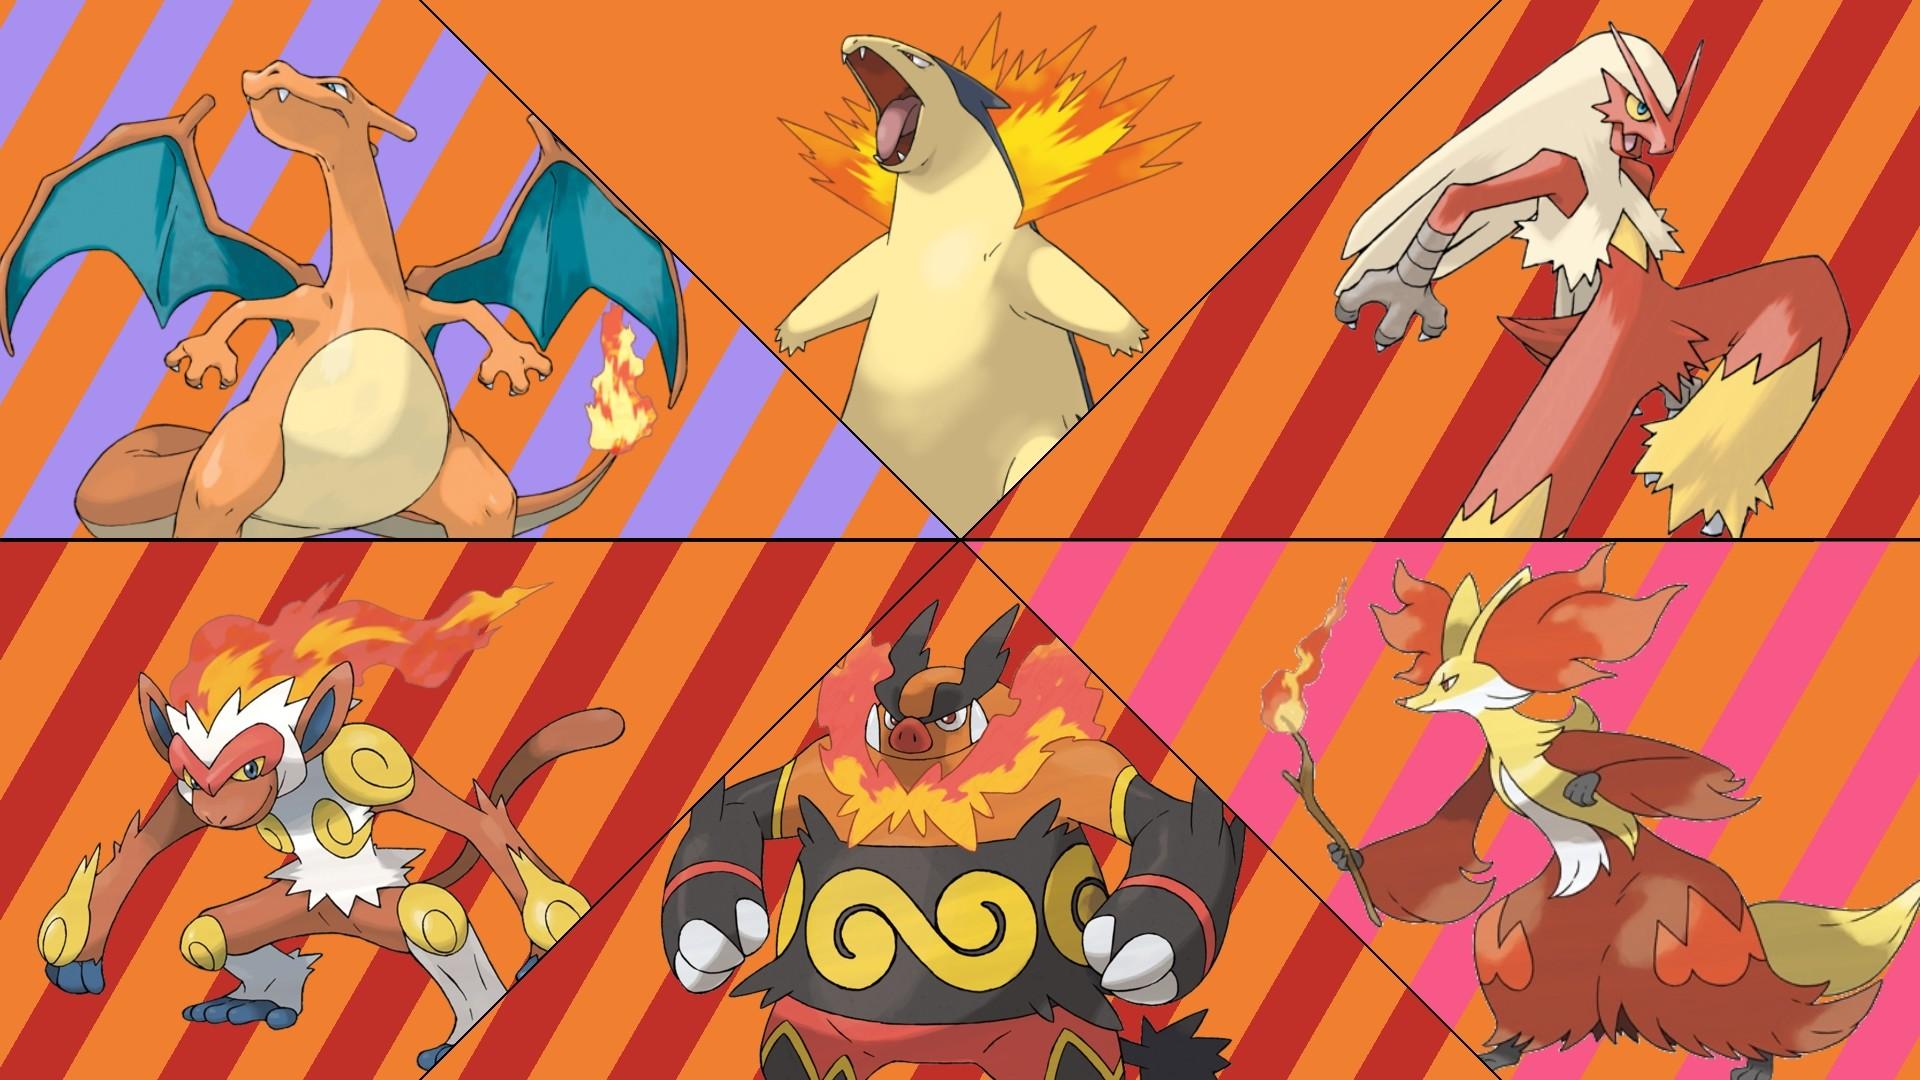 Res: 1920x1080, Pokemon Fire Wallpaper by kelph1 Pokemon Fire Wallpaper by kelph1